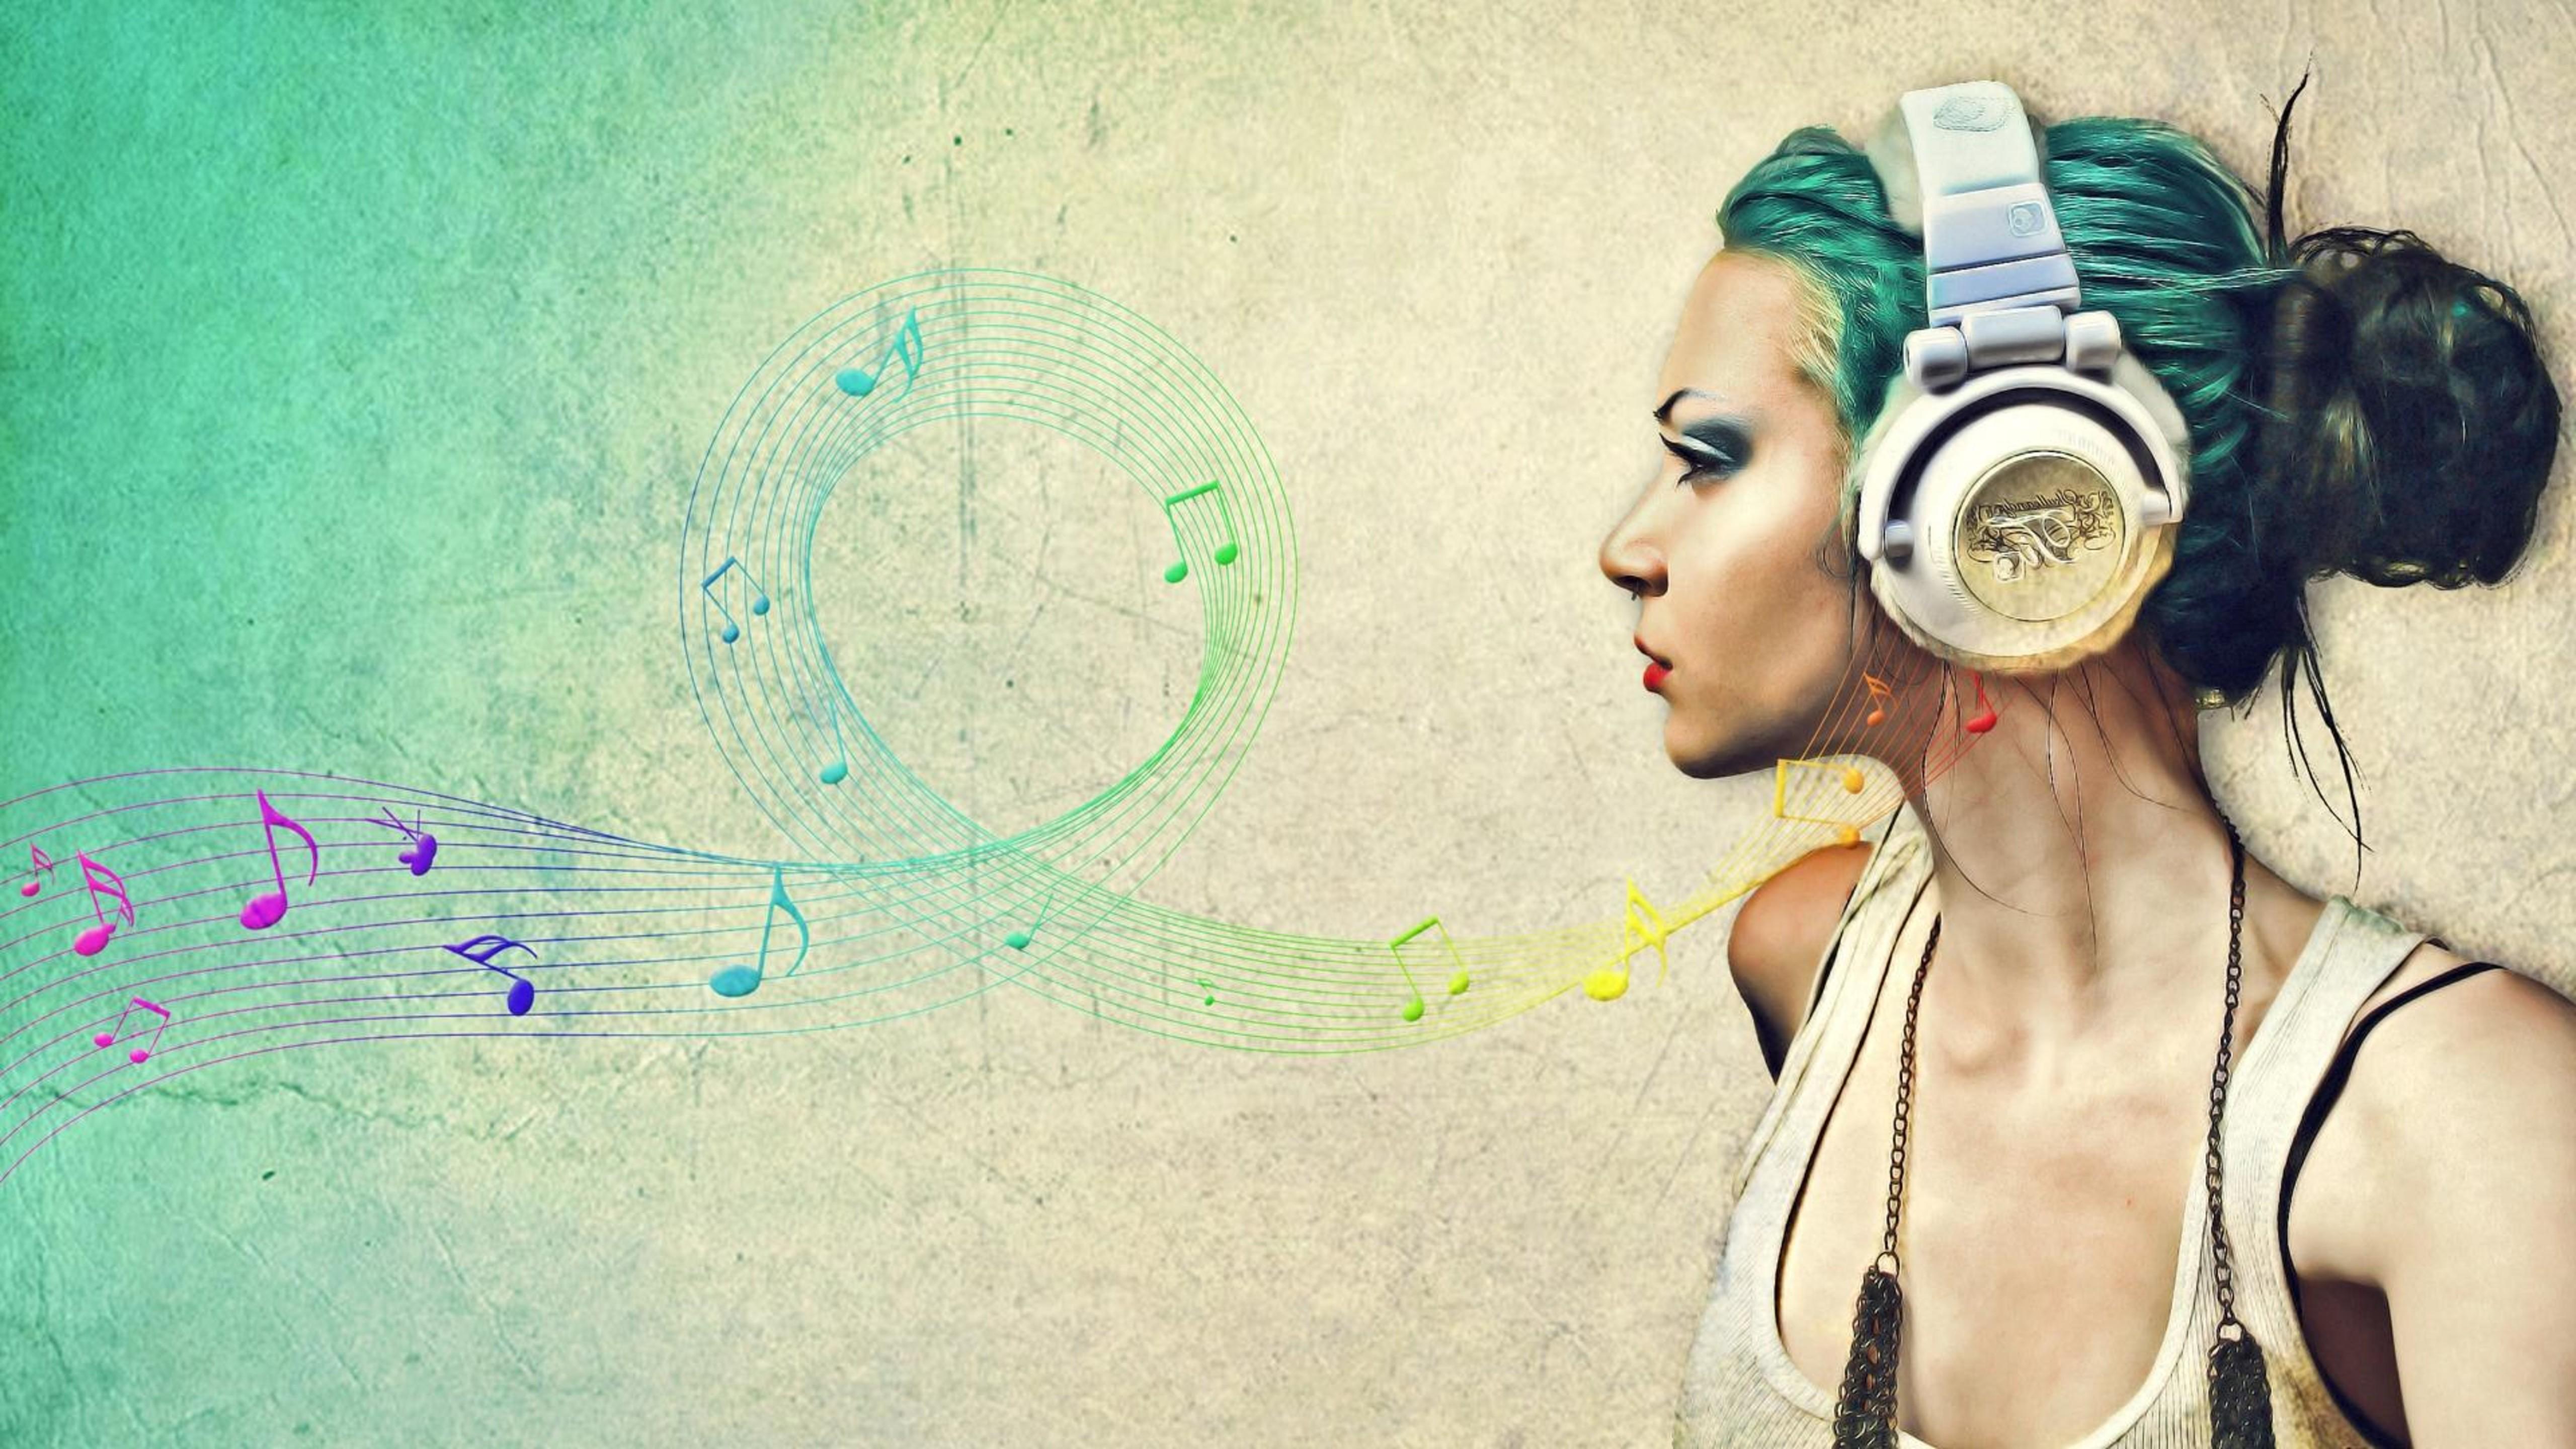 Картинка: Девушка, наушники, звук, волны, мелодия, ноты